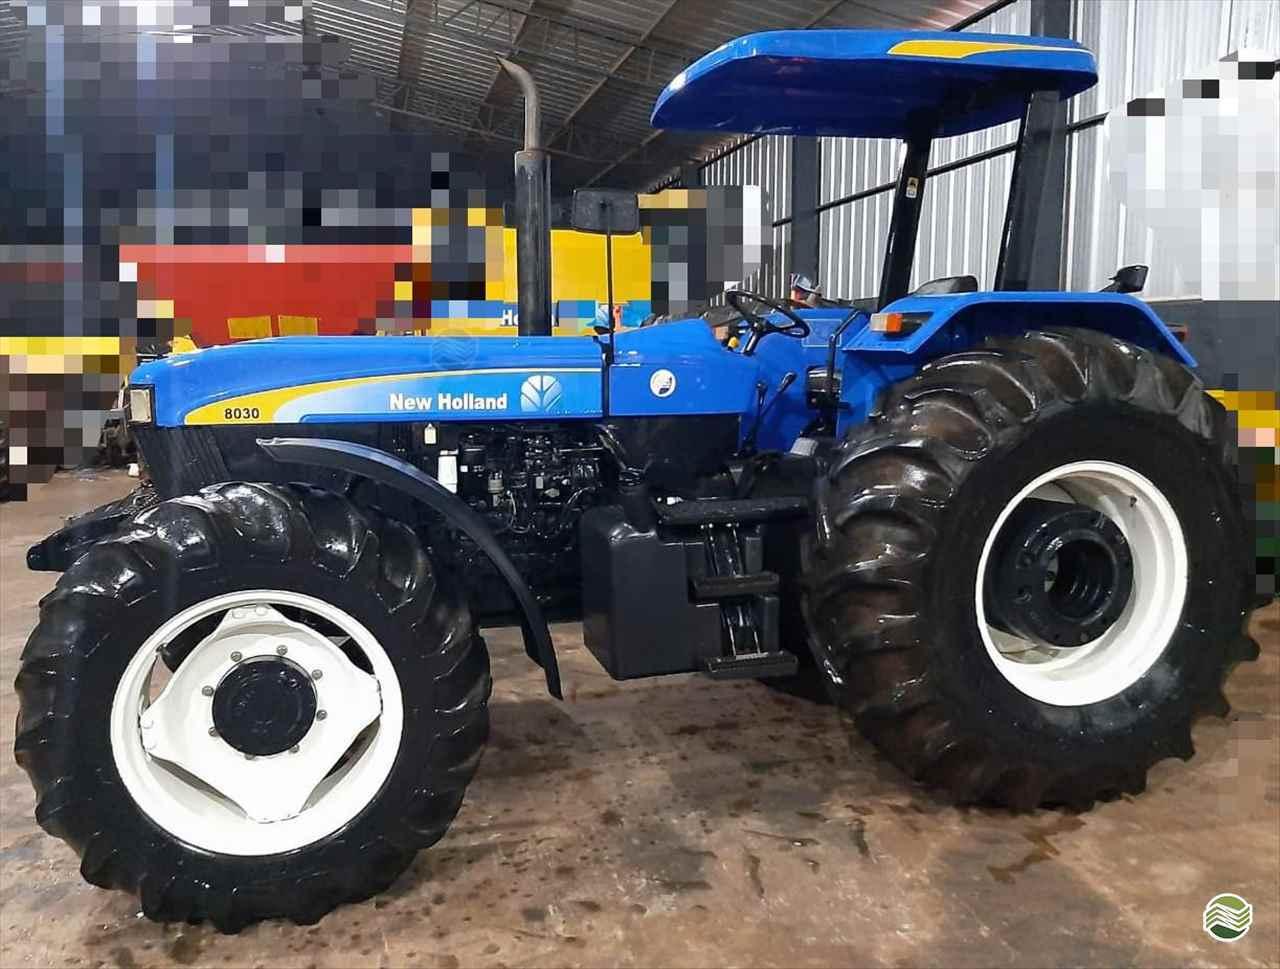 TRATOR NEW HOLLAND NEW 8030 Tração 4x4 Rural Vendas TERRA ROXA PARANÁ PR